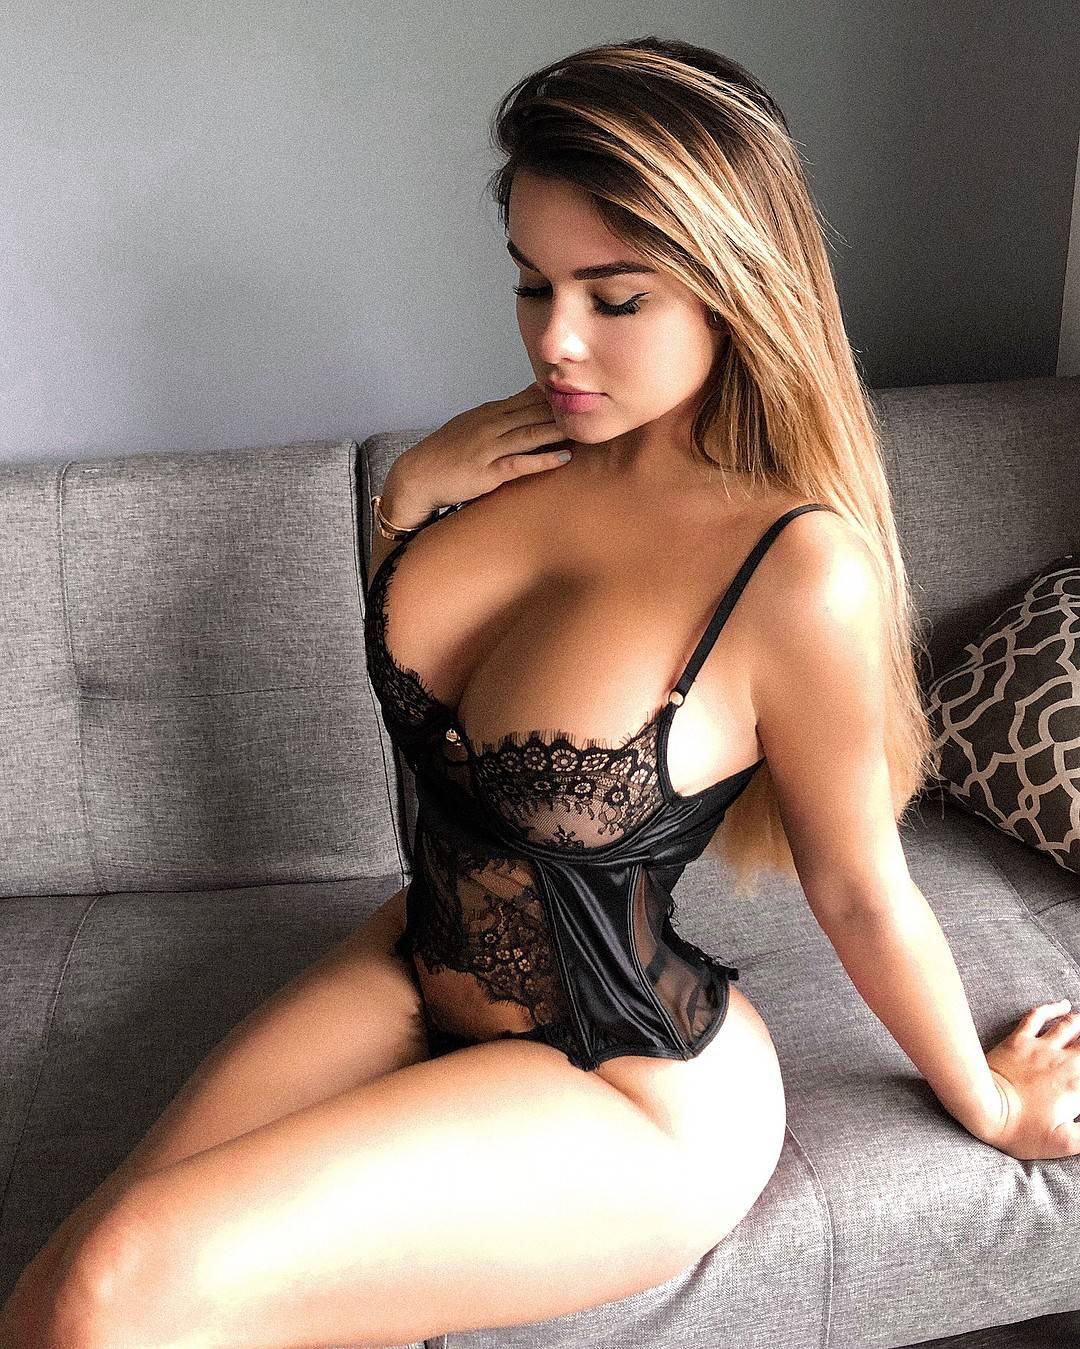 Anastasiya Kvitko Xxx anastasiya kvitko - free pics, videos & biography